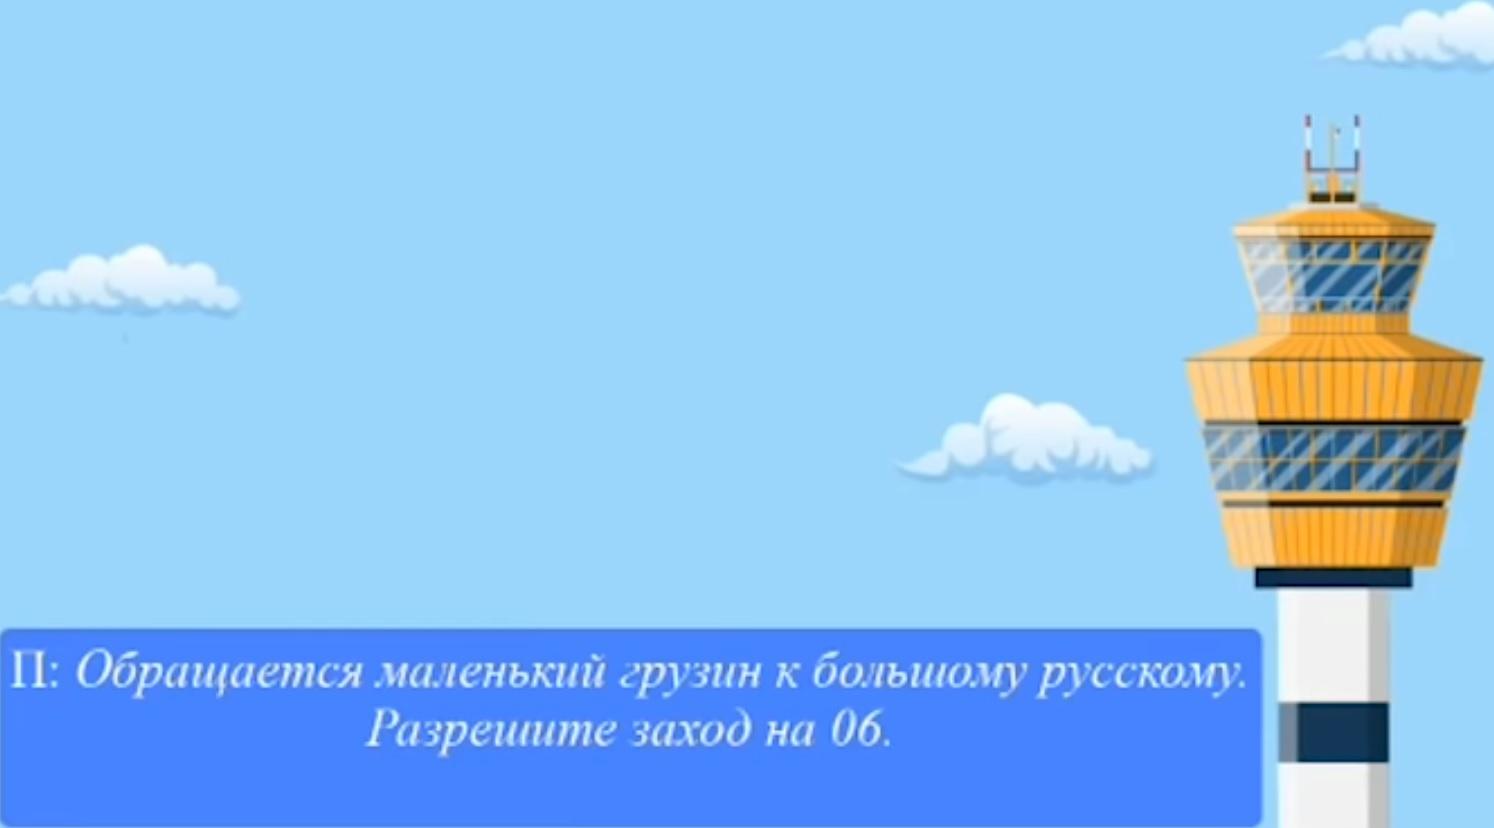 4772627 #новости Georgian Airways, авиакомпания, Андрей Калмыков, аэропорт, внуково, Грузия, диспетчер, москва, пилот, победа, Россия